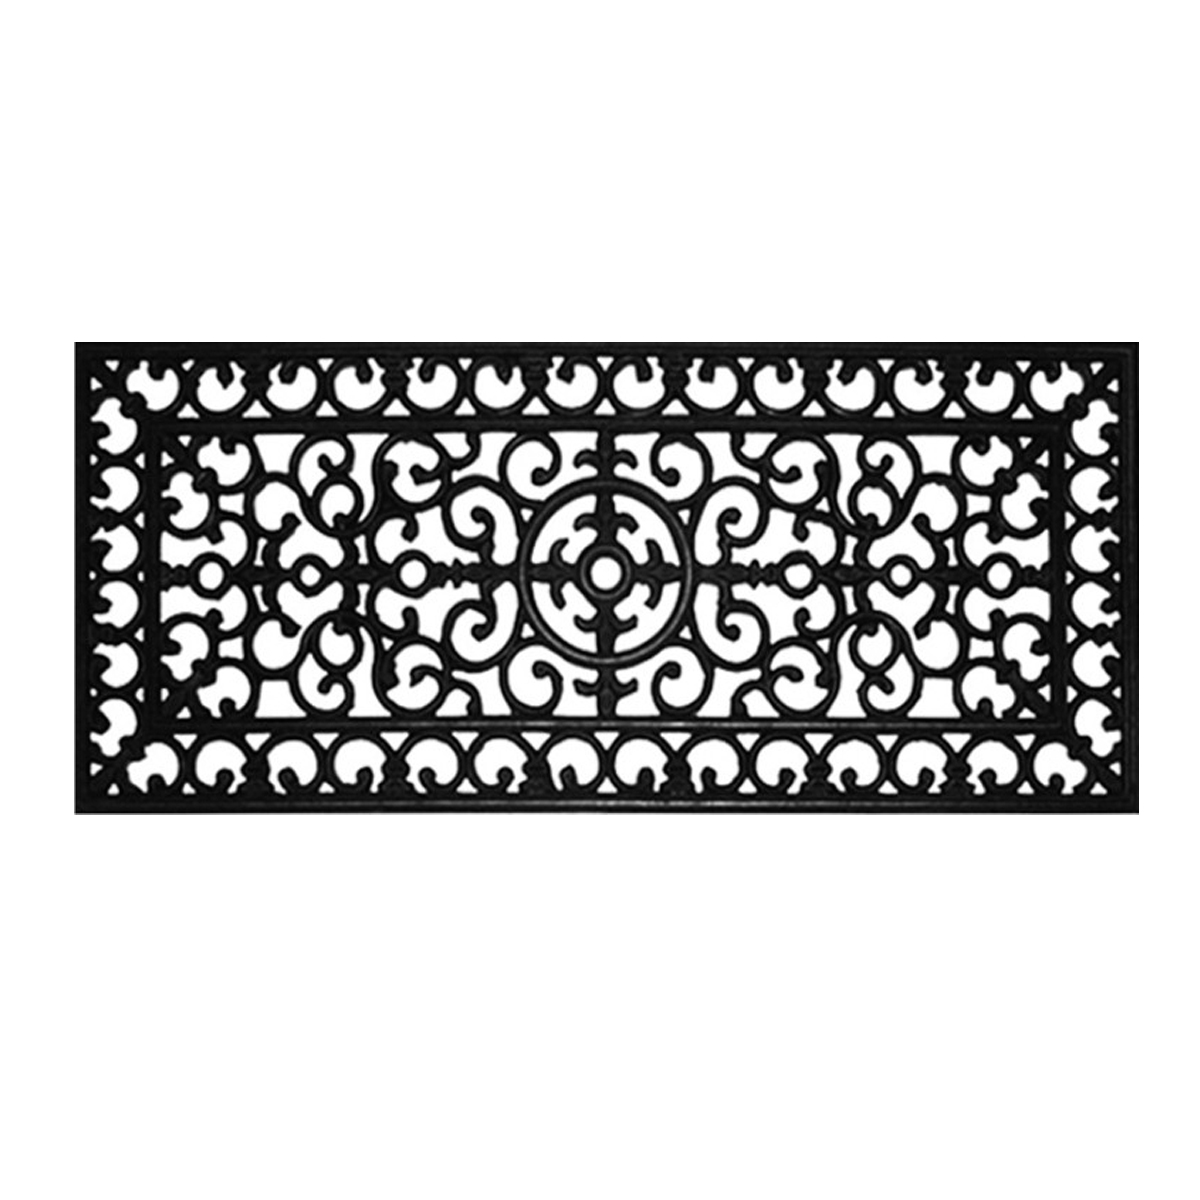 Fleur De Lis Rubber Doormat Callowaymills